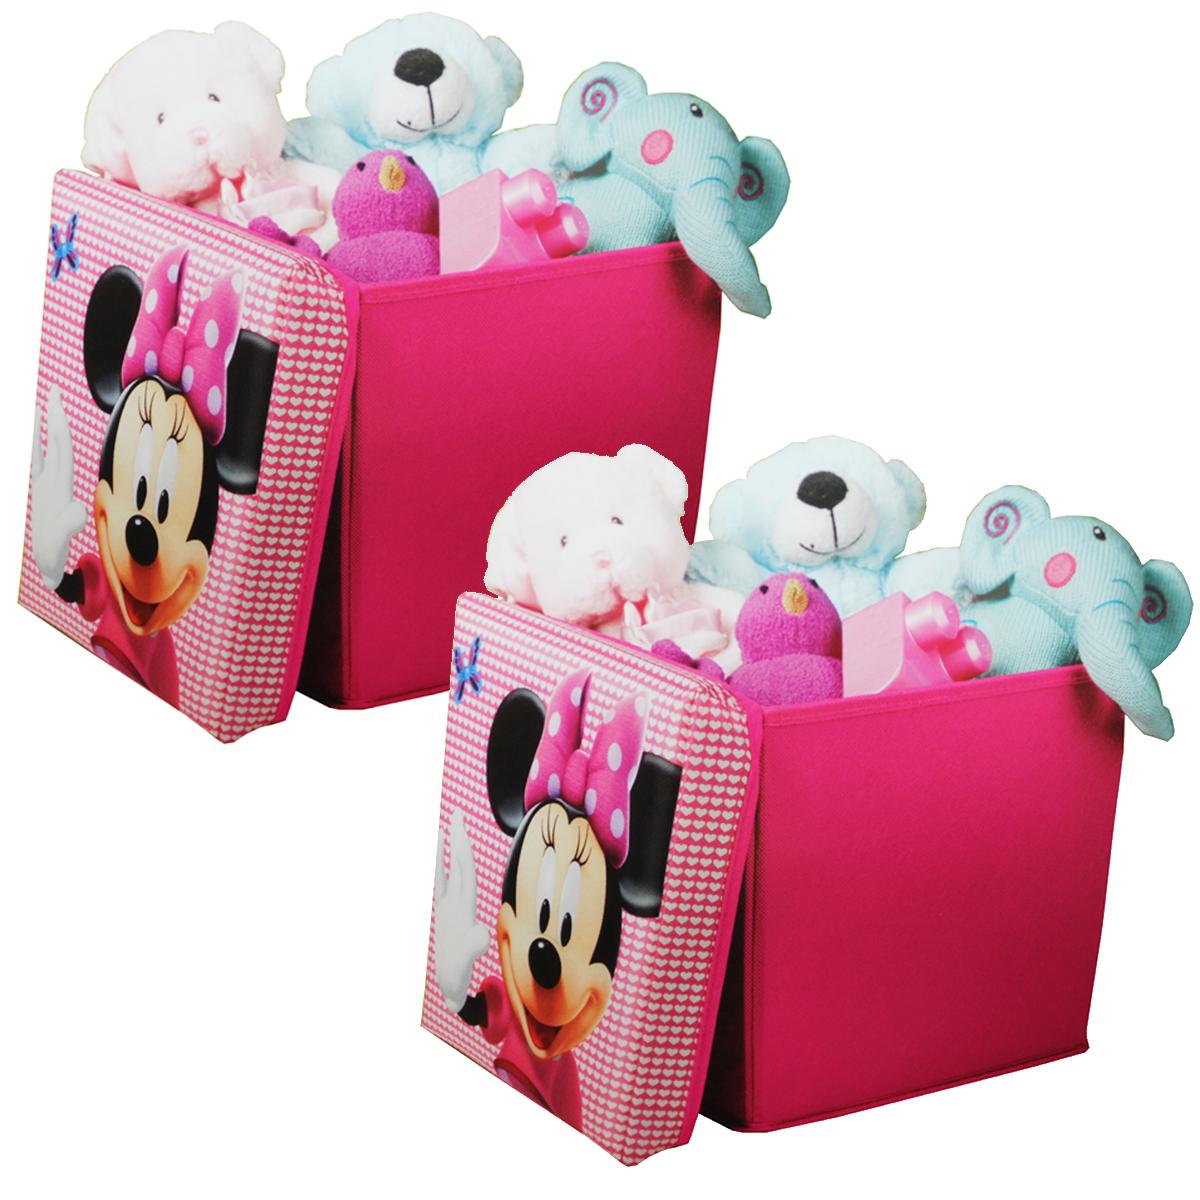 2er set disney minnie mouse canvas spielzeugkiste aufbewahrungsbox kinderzimmer m bel wohnen. Black Bedroom Furniture Sets. Home Design Ideas